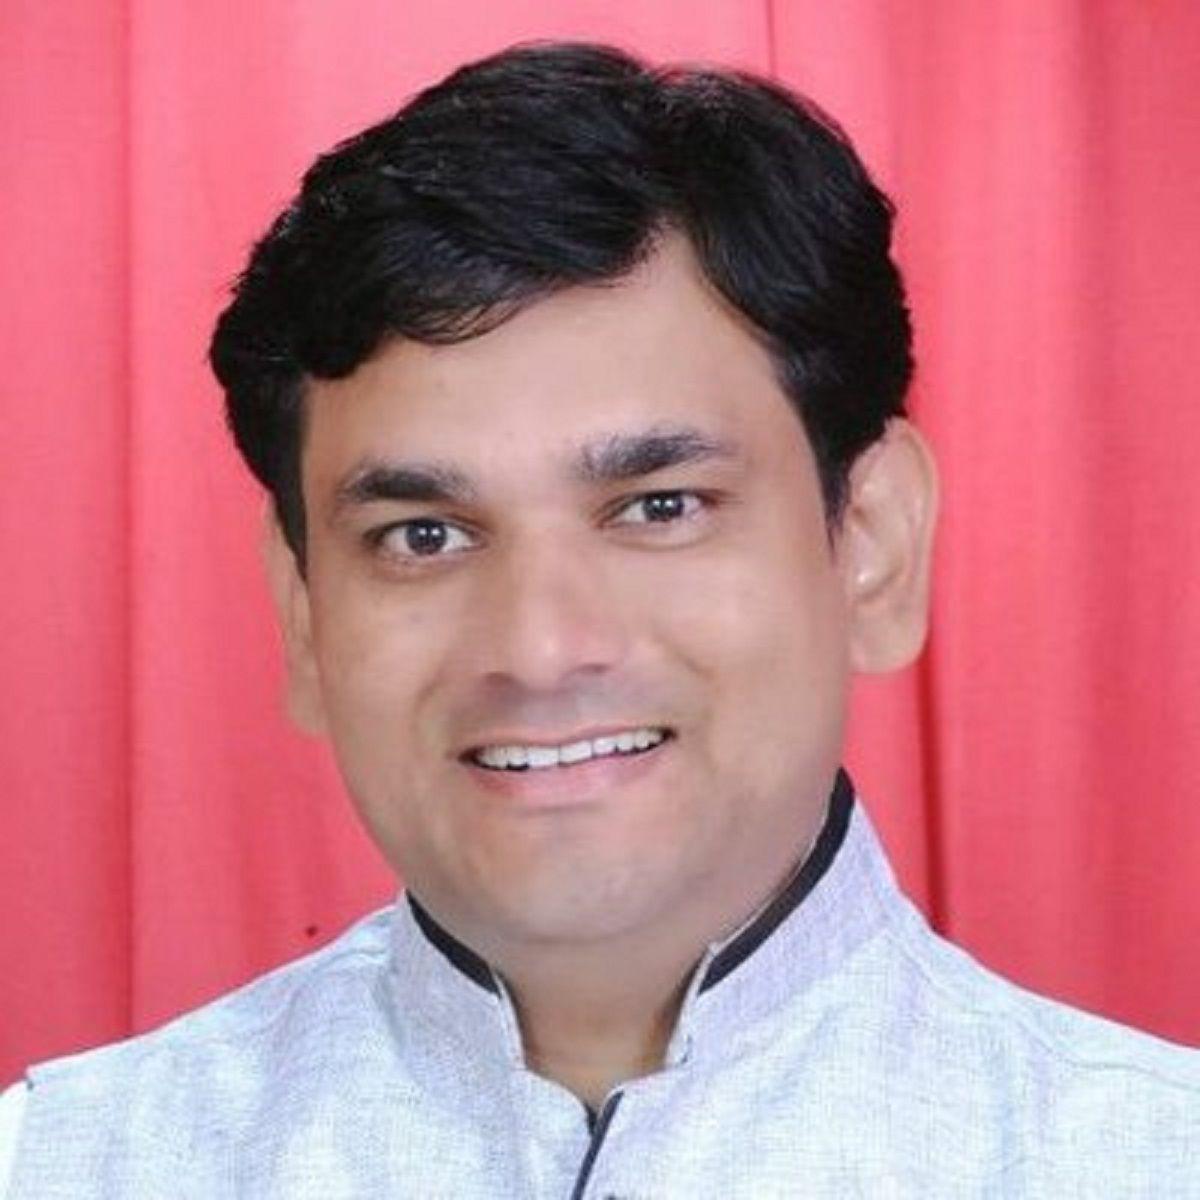 Sanjay Pahariya